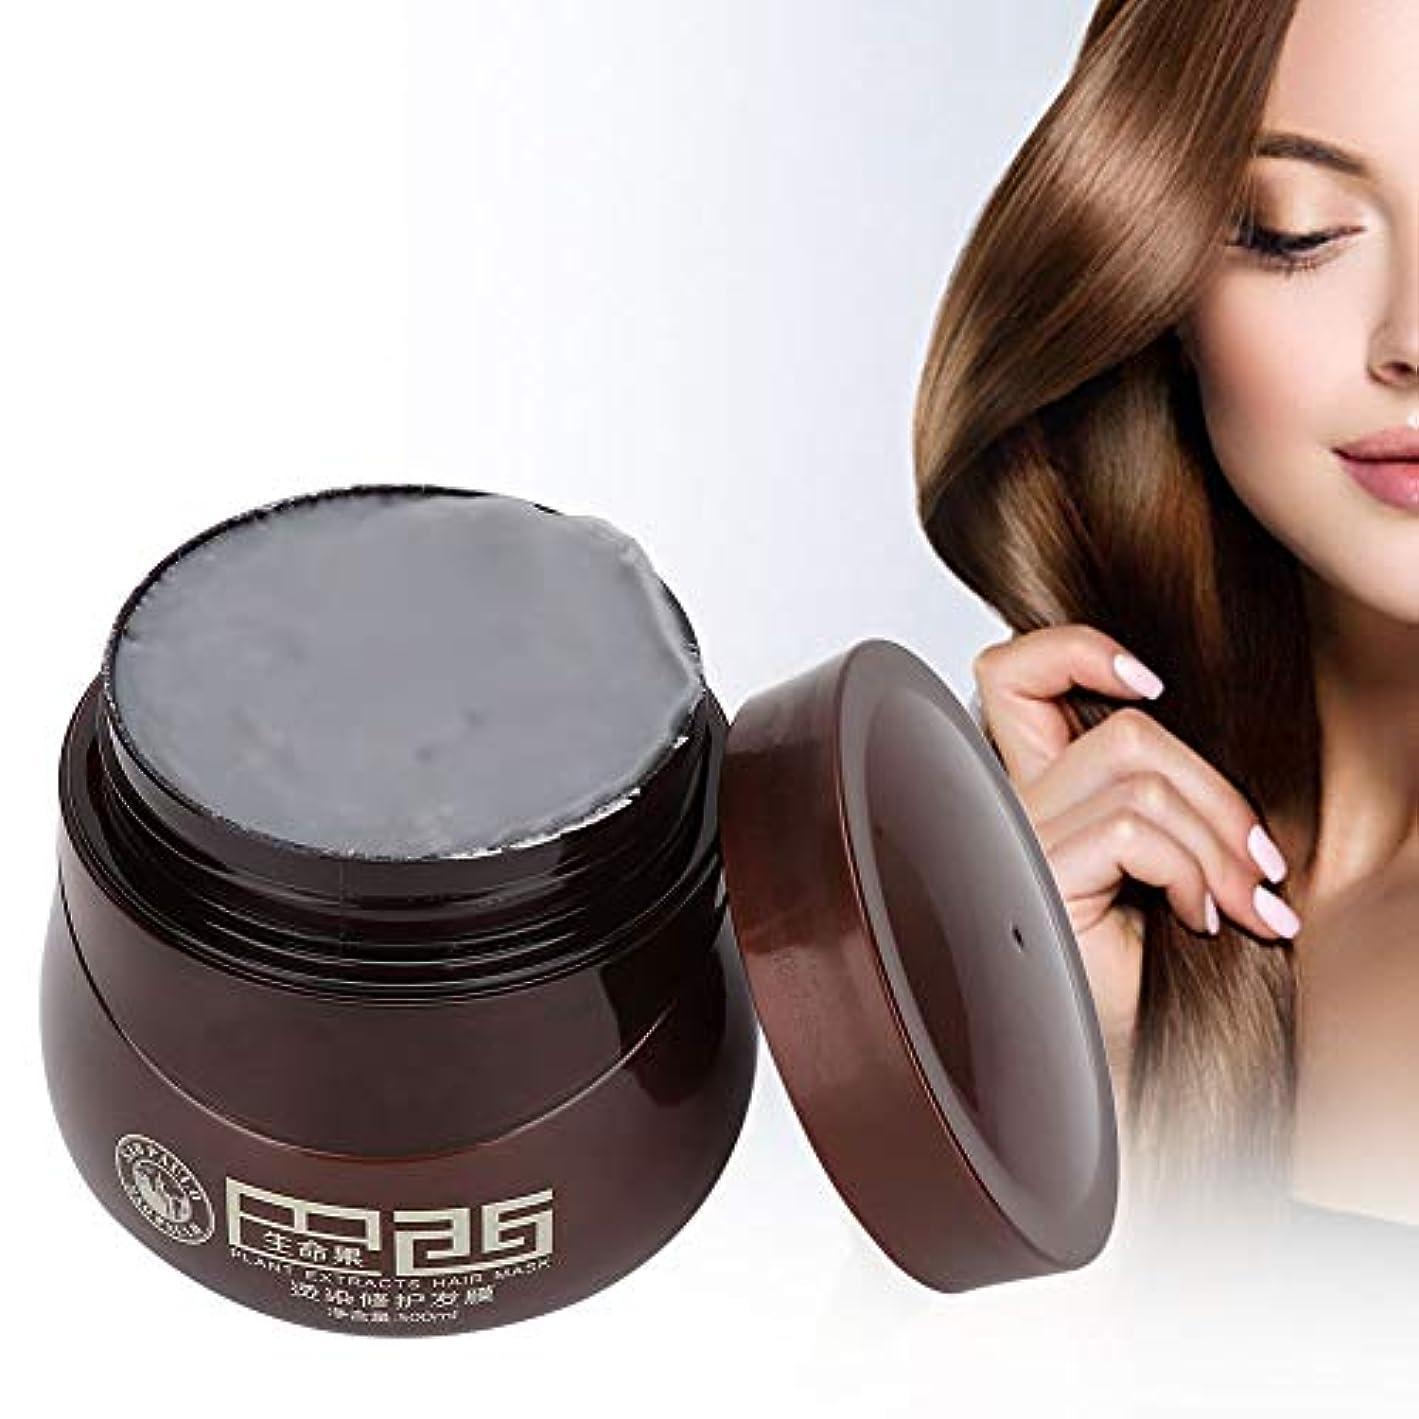 発動機散歩パーセントヘアマスク、染毛剤ダメージヘアナリッシングリペアマスクトリートメントコンディショナープロのヘアサロンや家庭での使用に最適500ml